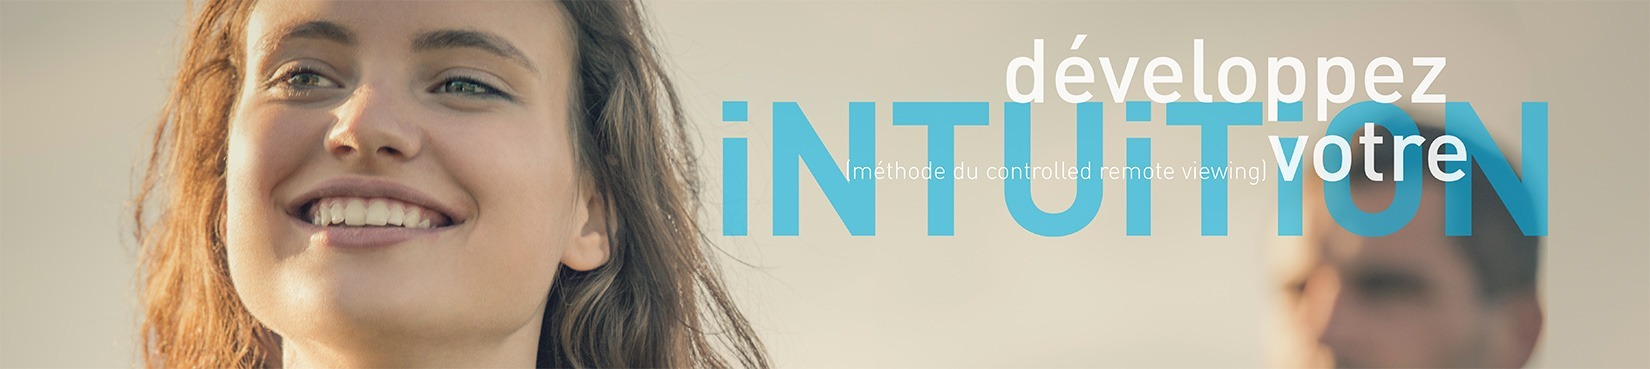 Développer son intuition avec le controlled remote viewing chez iRiS Intuition, école de l'intuition